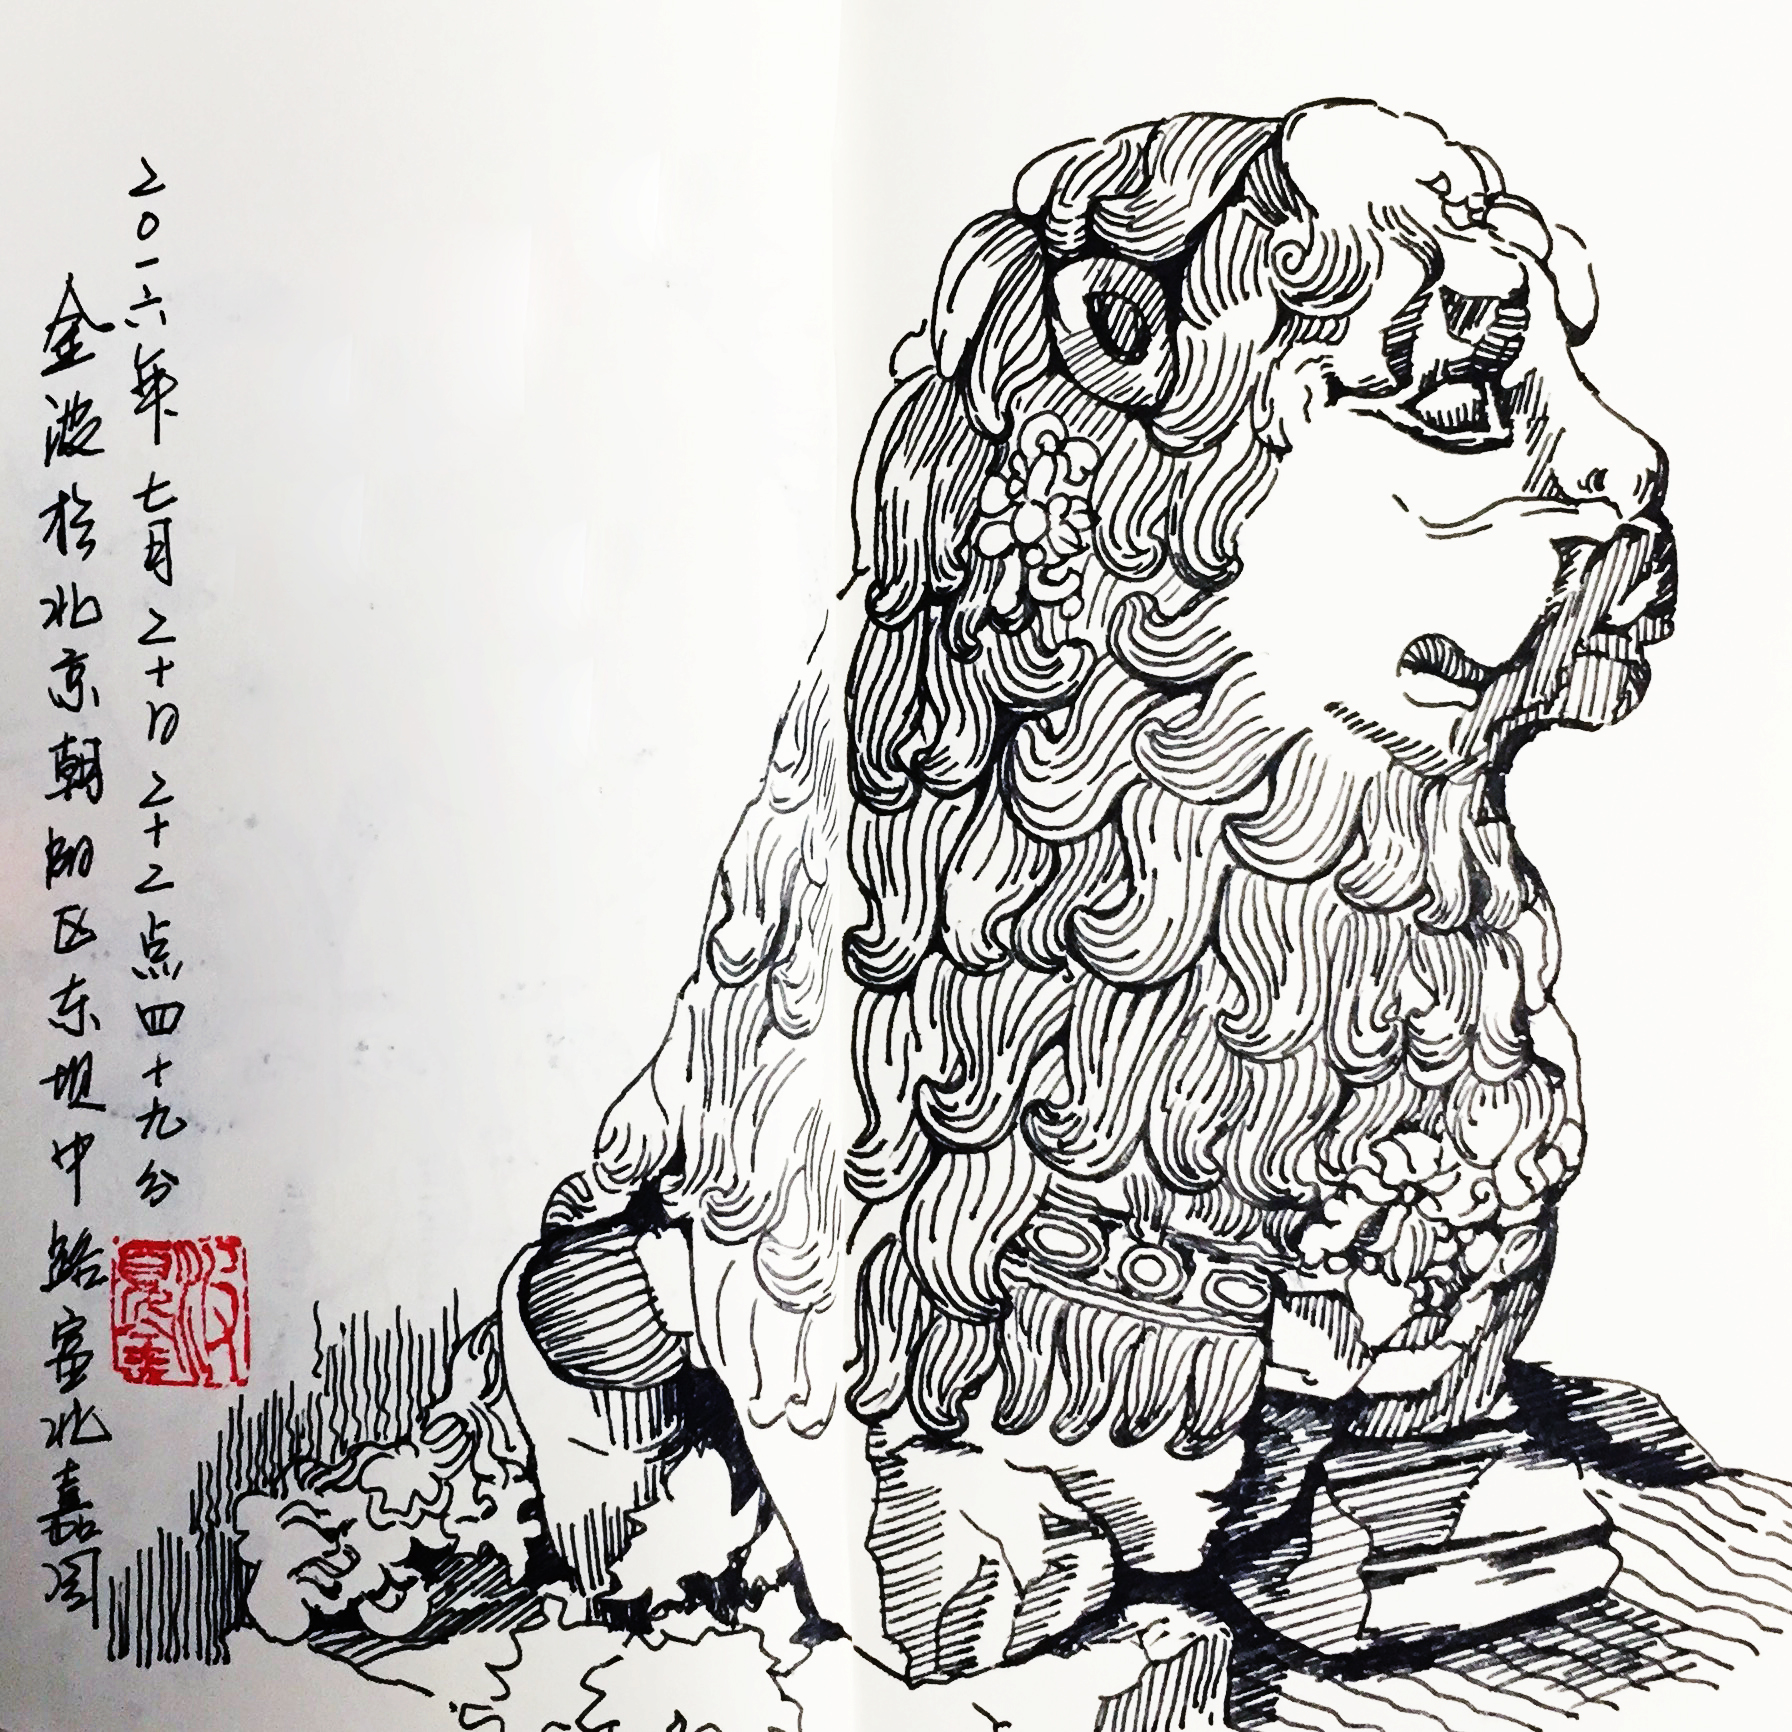 钢笔画-圆明园石狮子图片